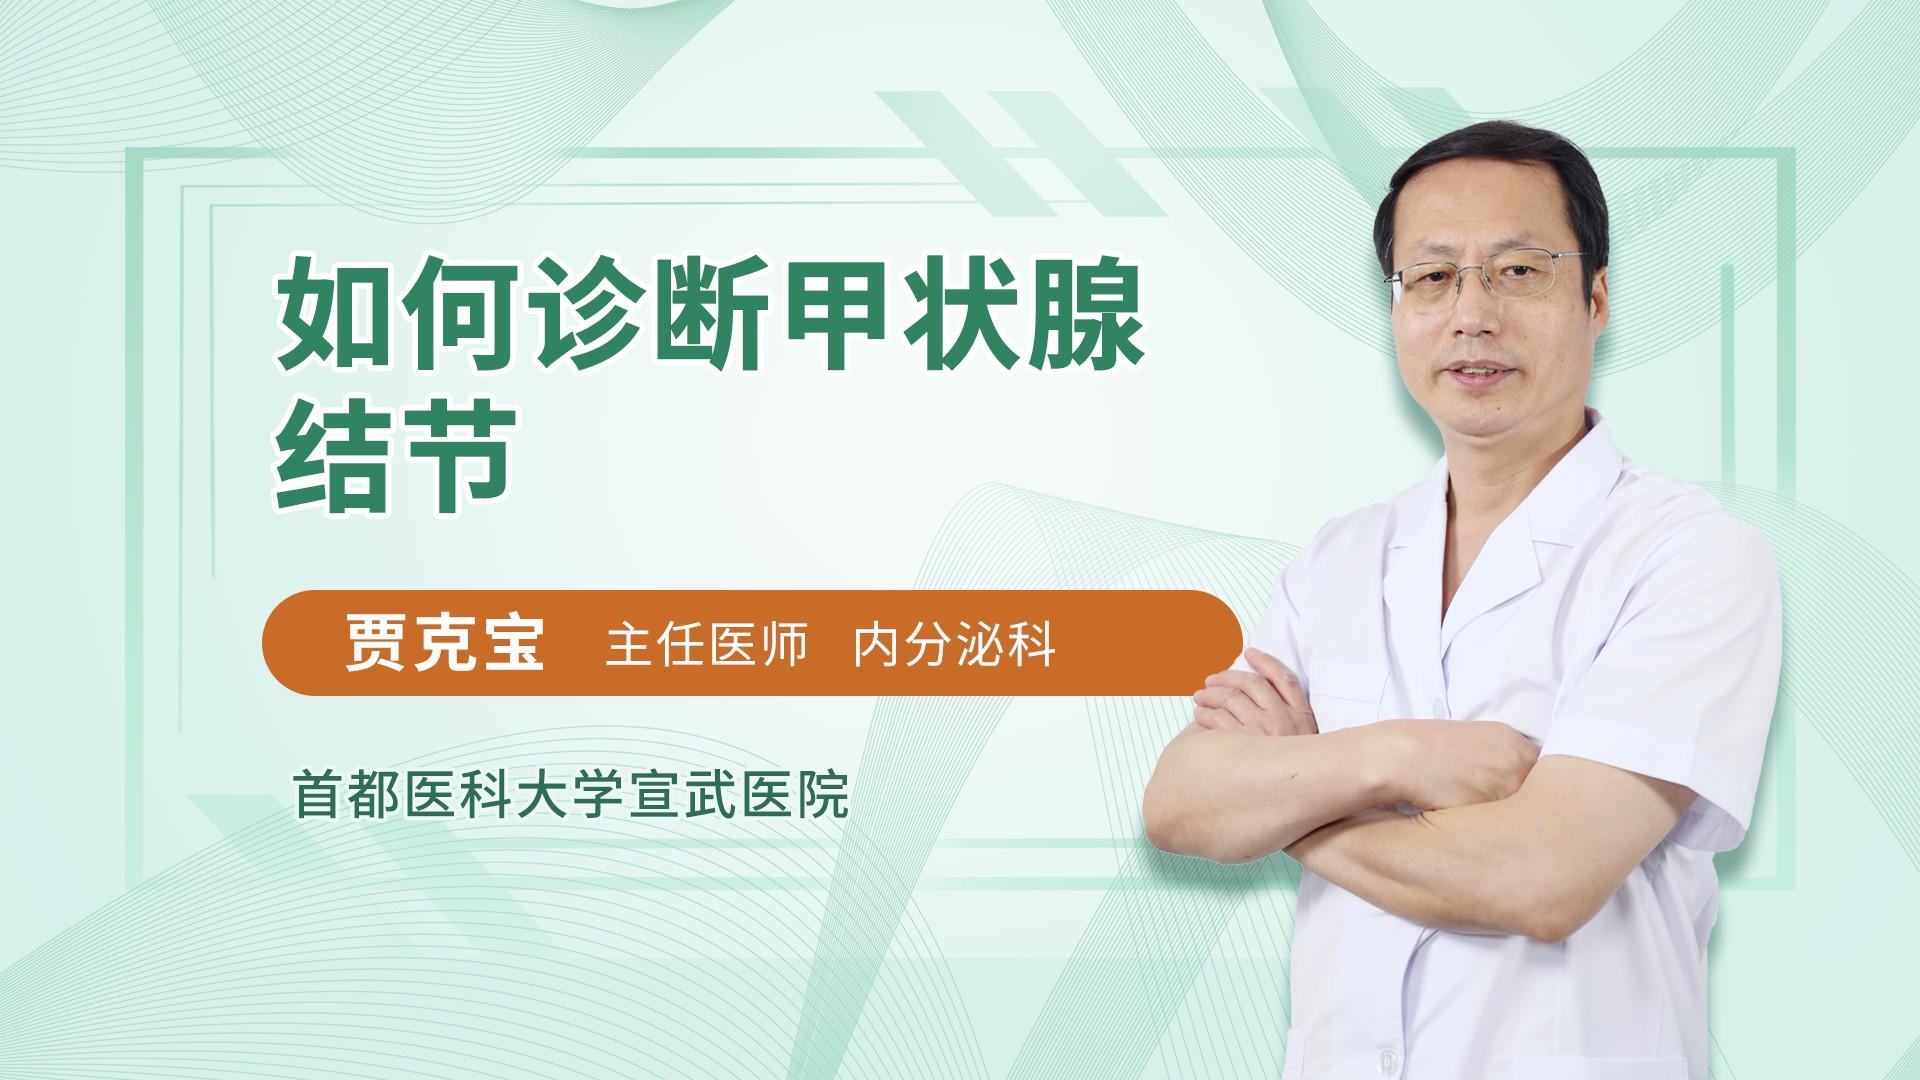 如何诊断甲状腺结节